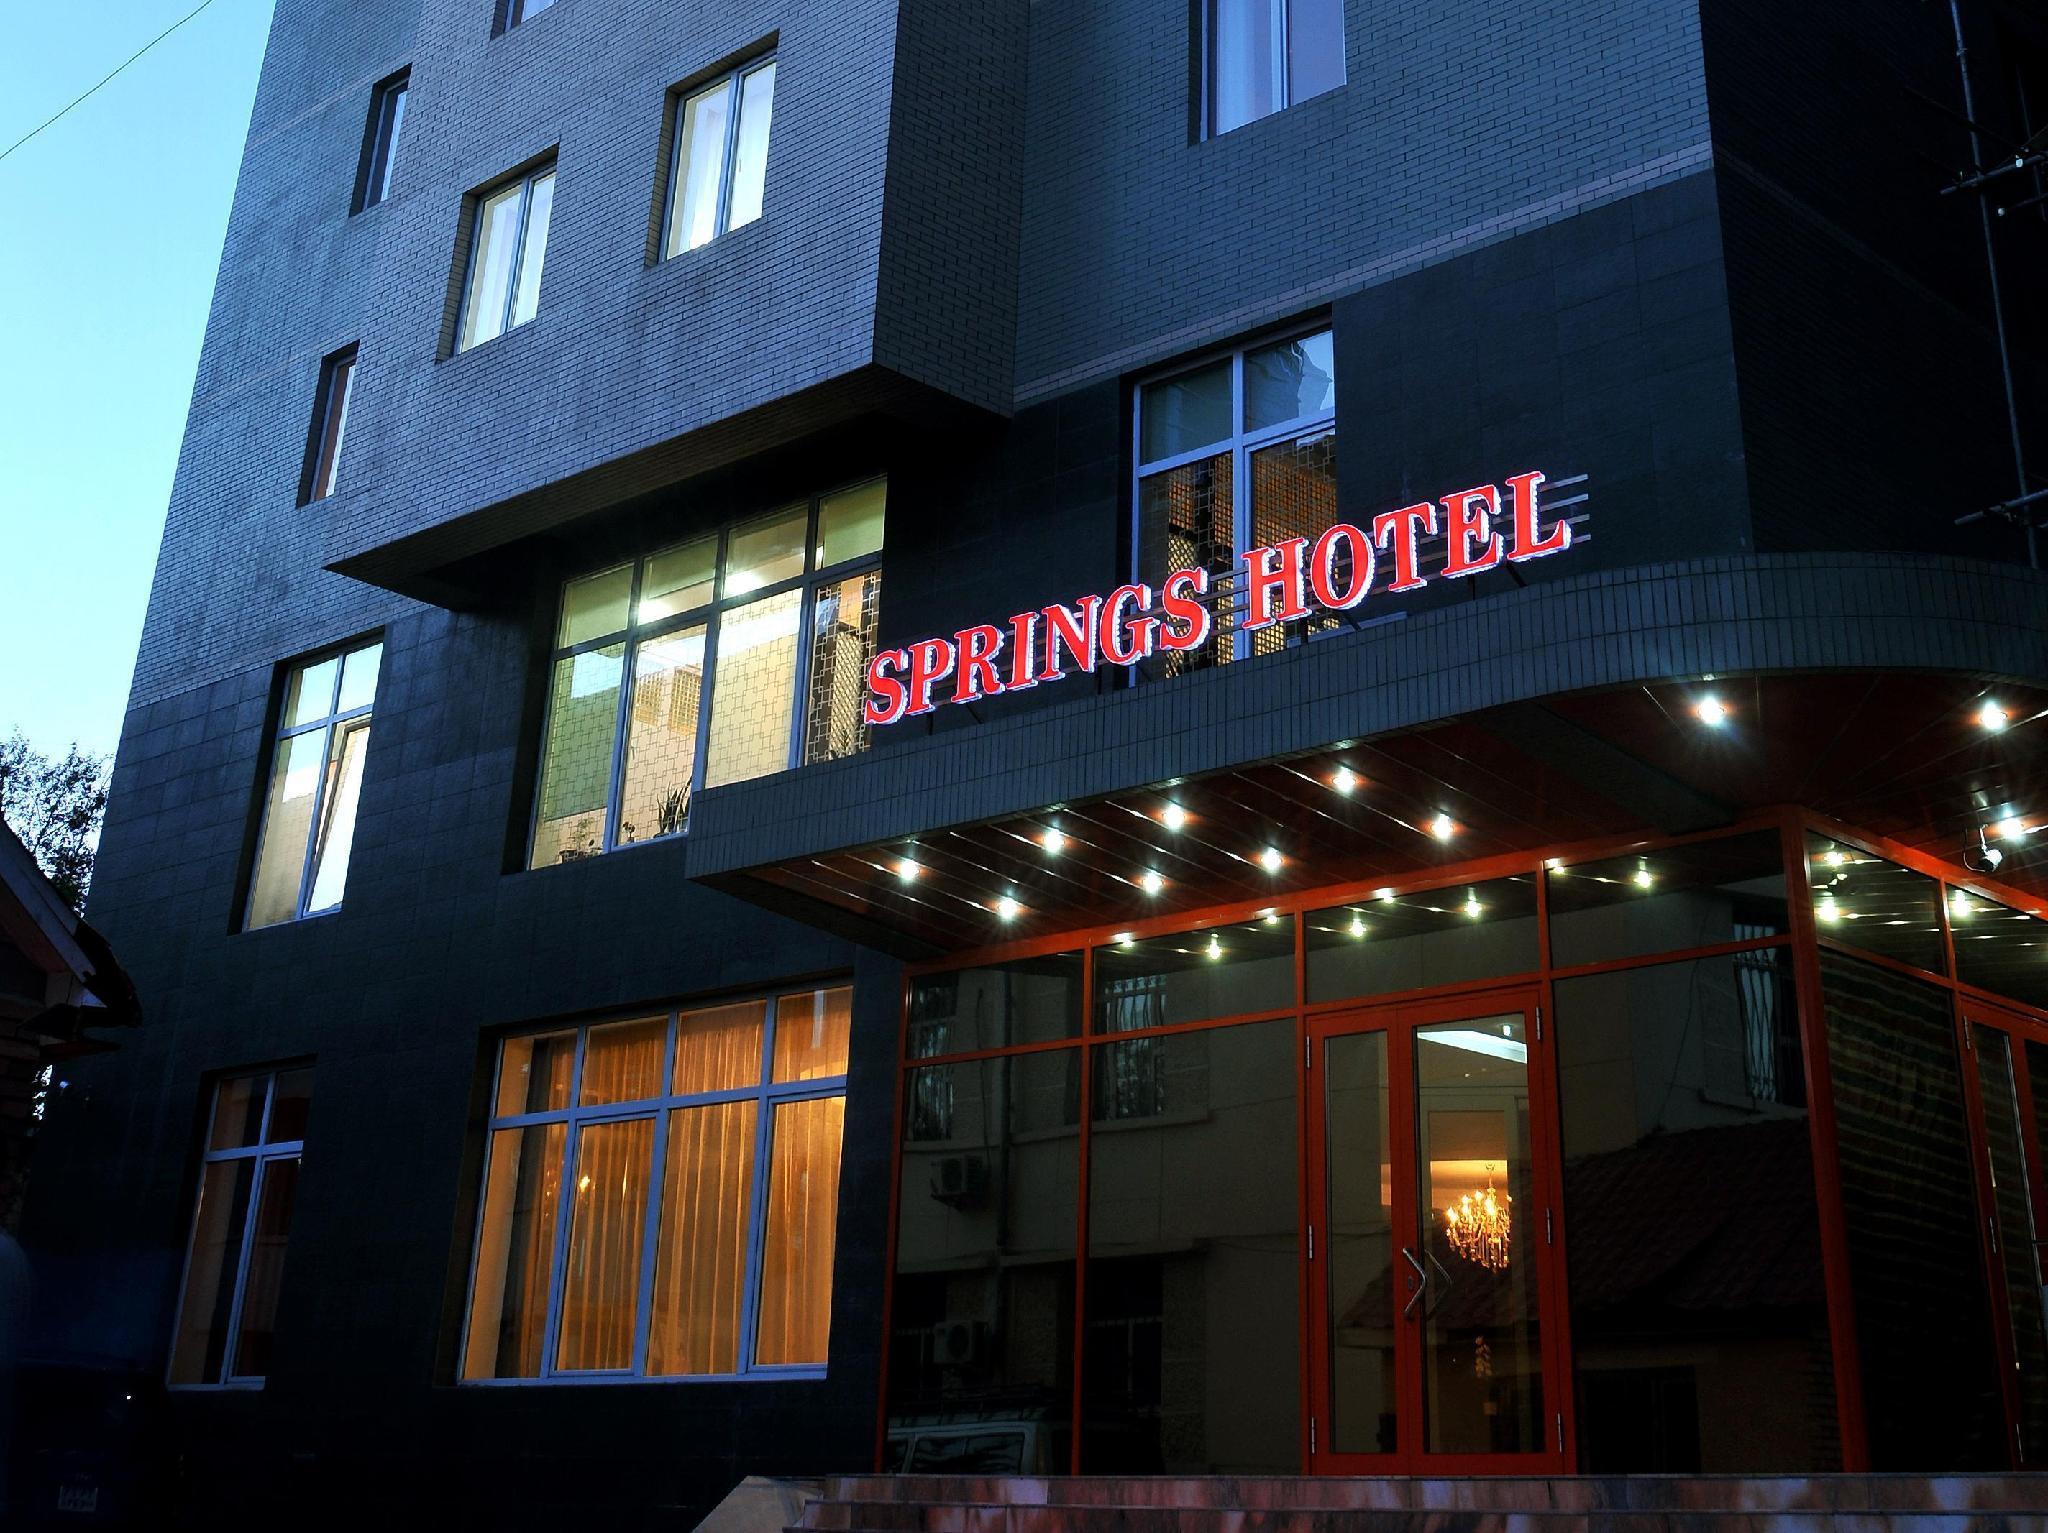 Springs hotel sukhbaatar ulaanbaatar mongolia great for Decor hotel ulaanbaatar